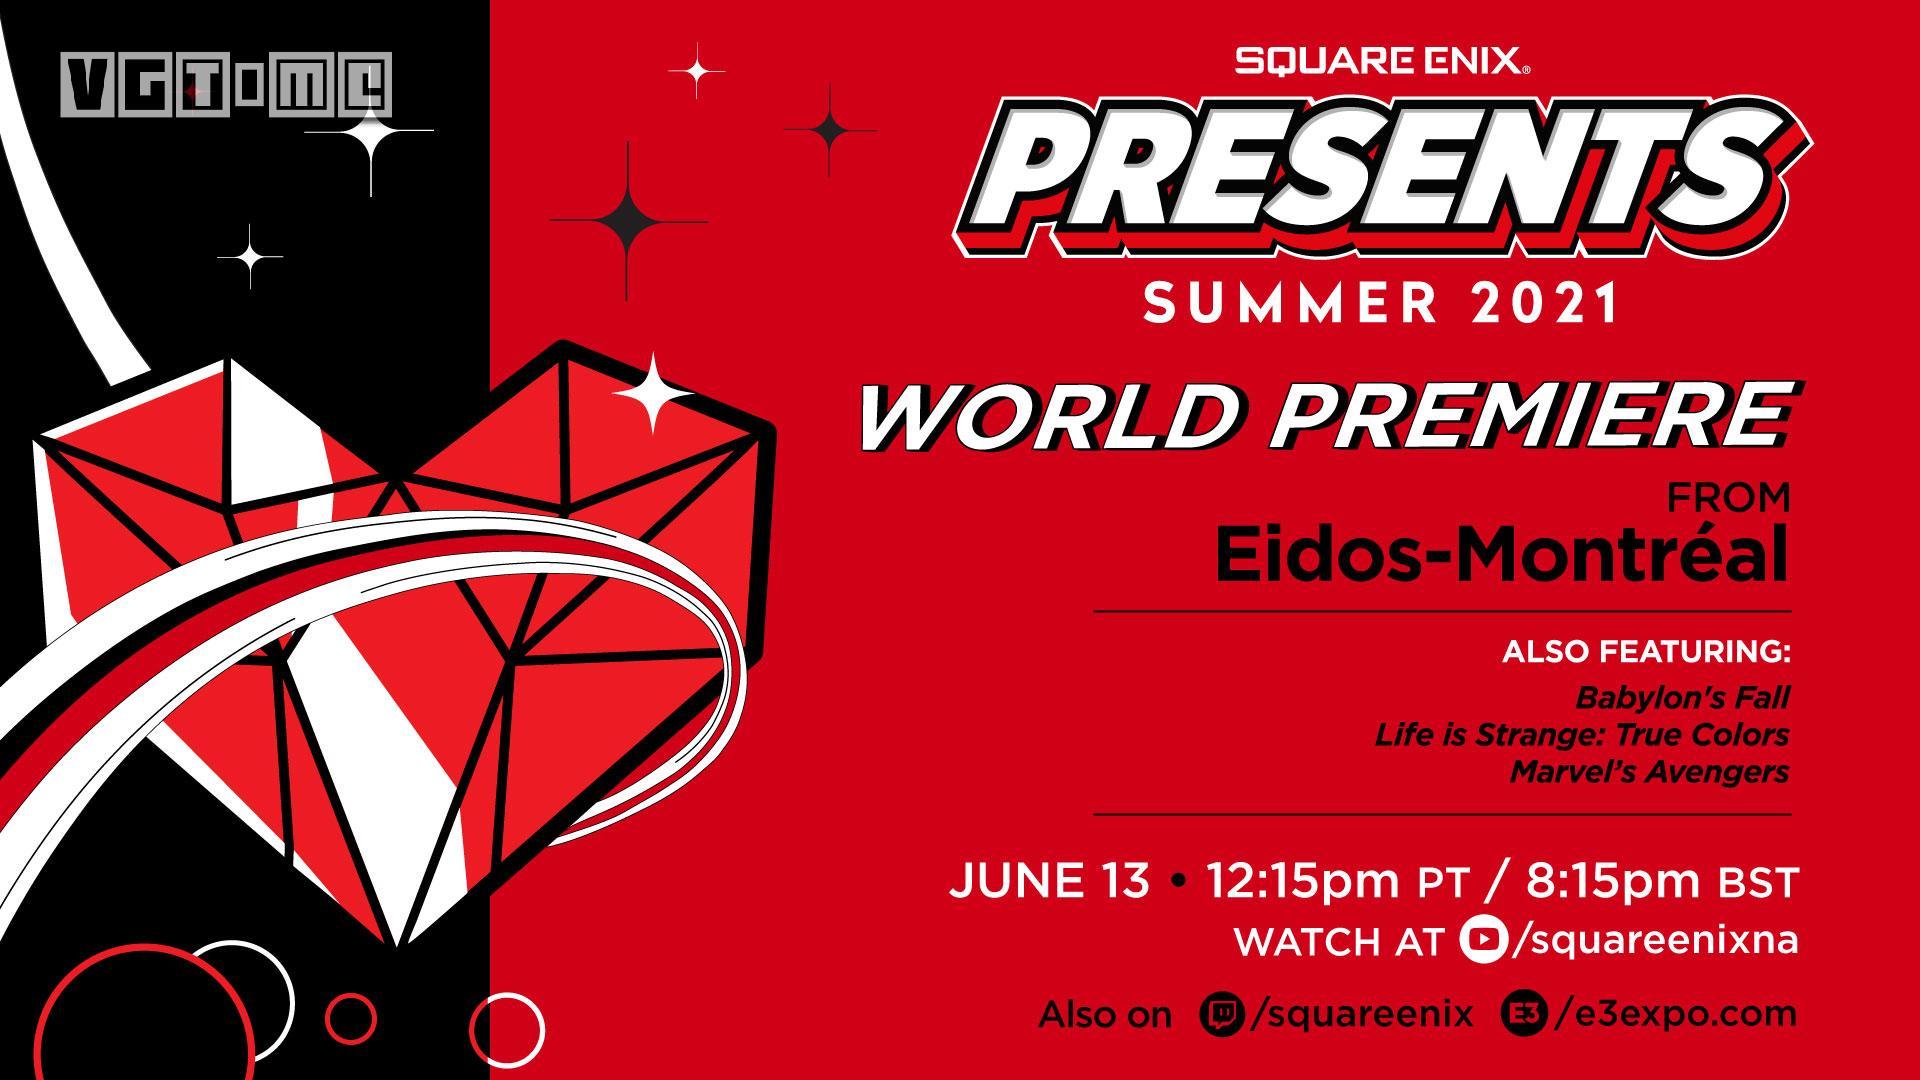 Square Enix E3发布会将于6月14日3:15举办